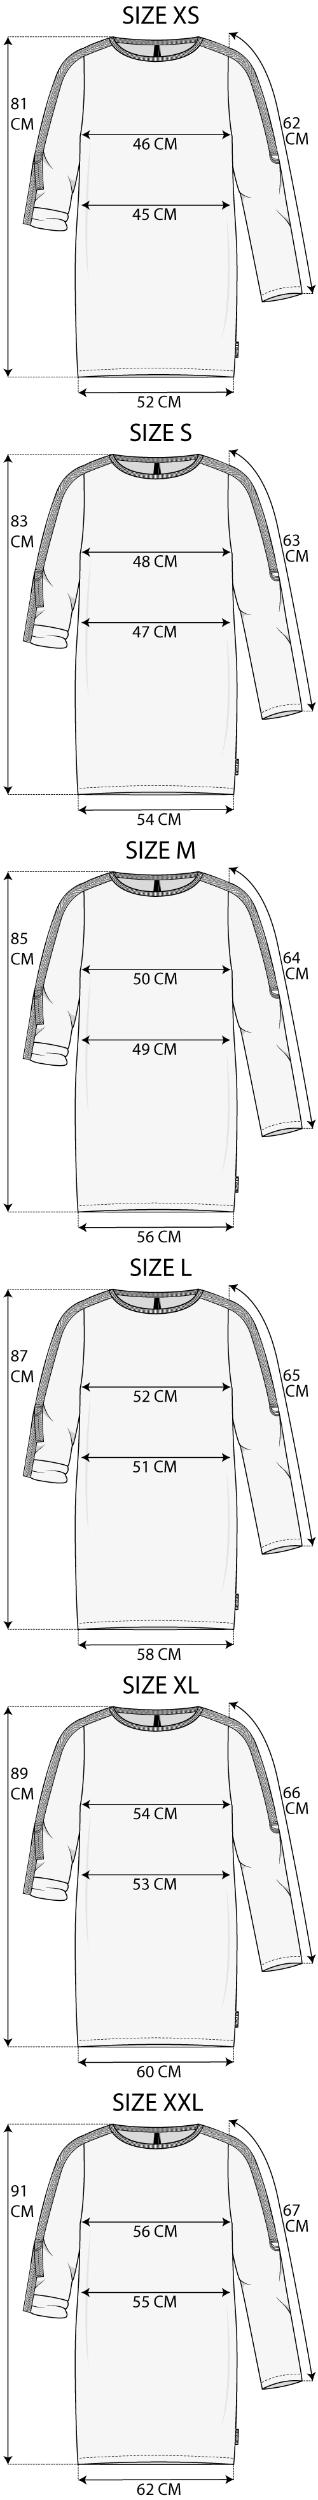 Maattabel Tunic Sweater